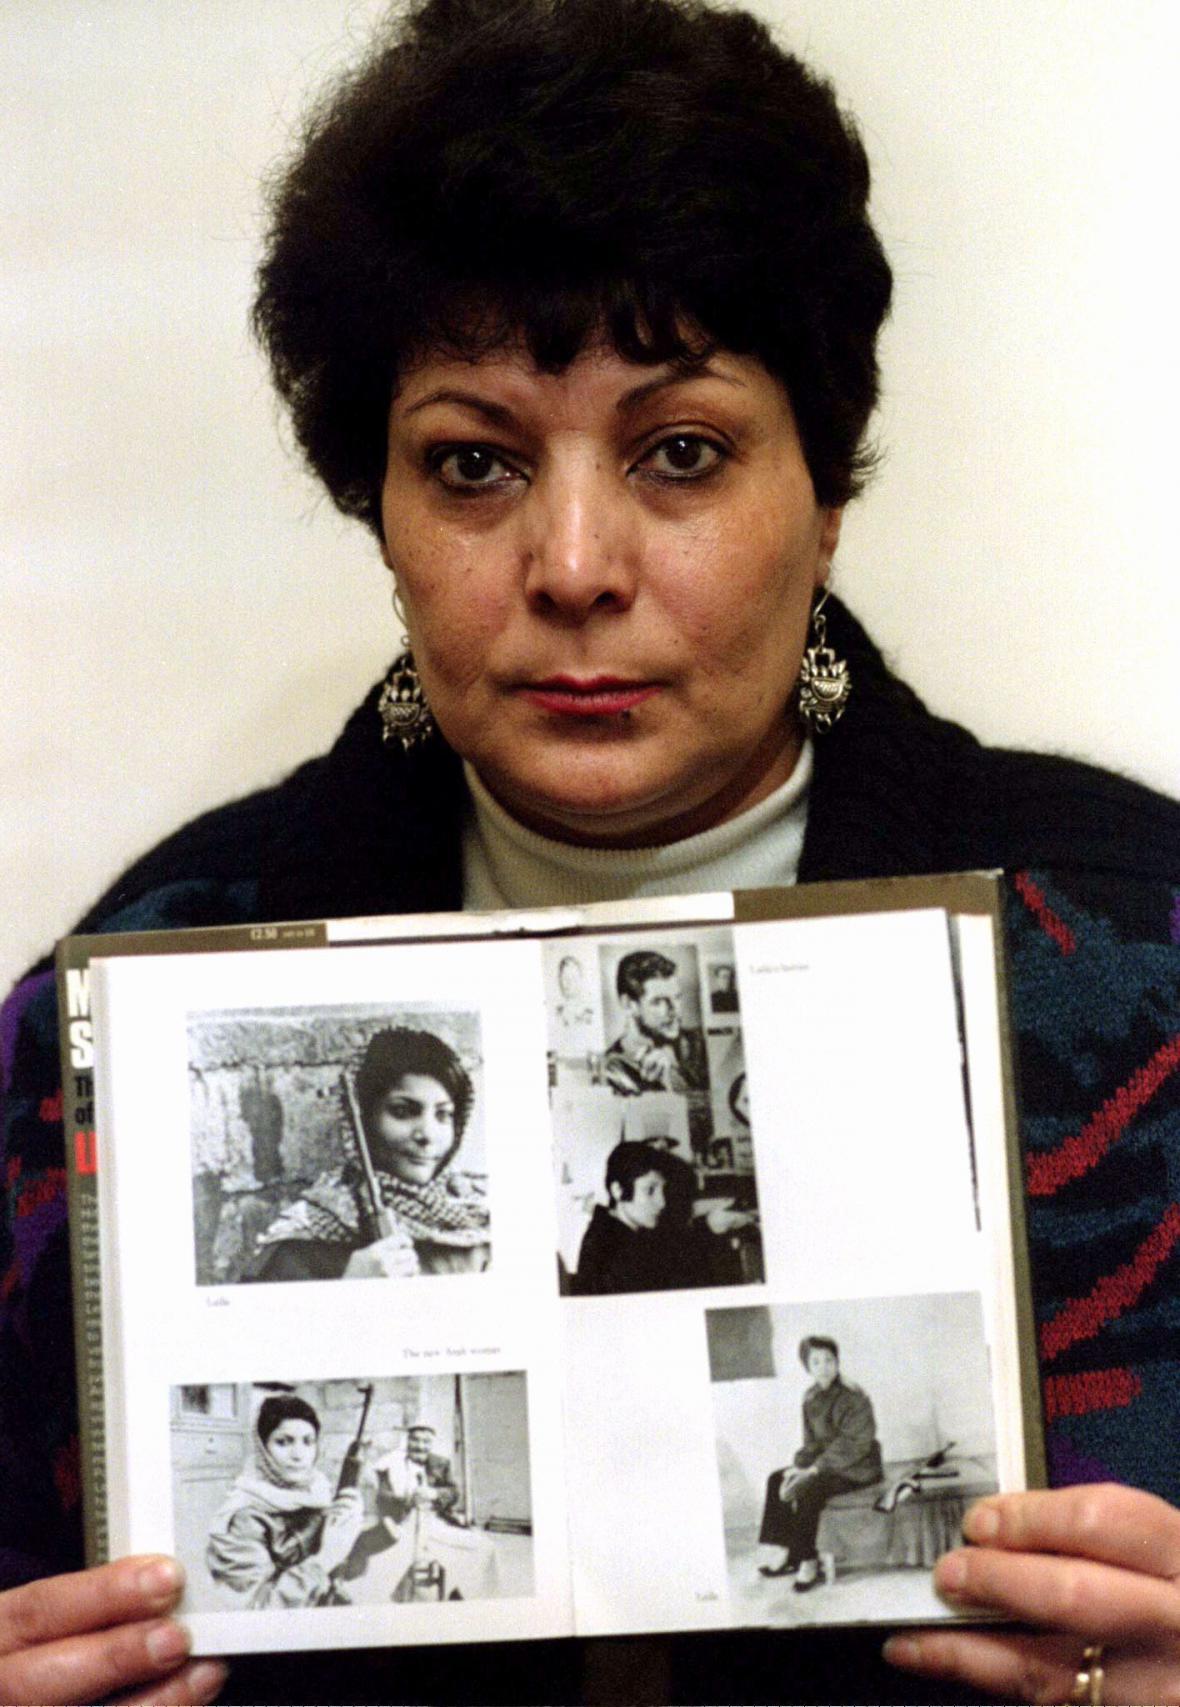 Leila Chálidová na snímku z roku 1996 pózuje se svými fotografiemi